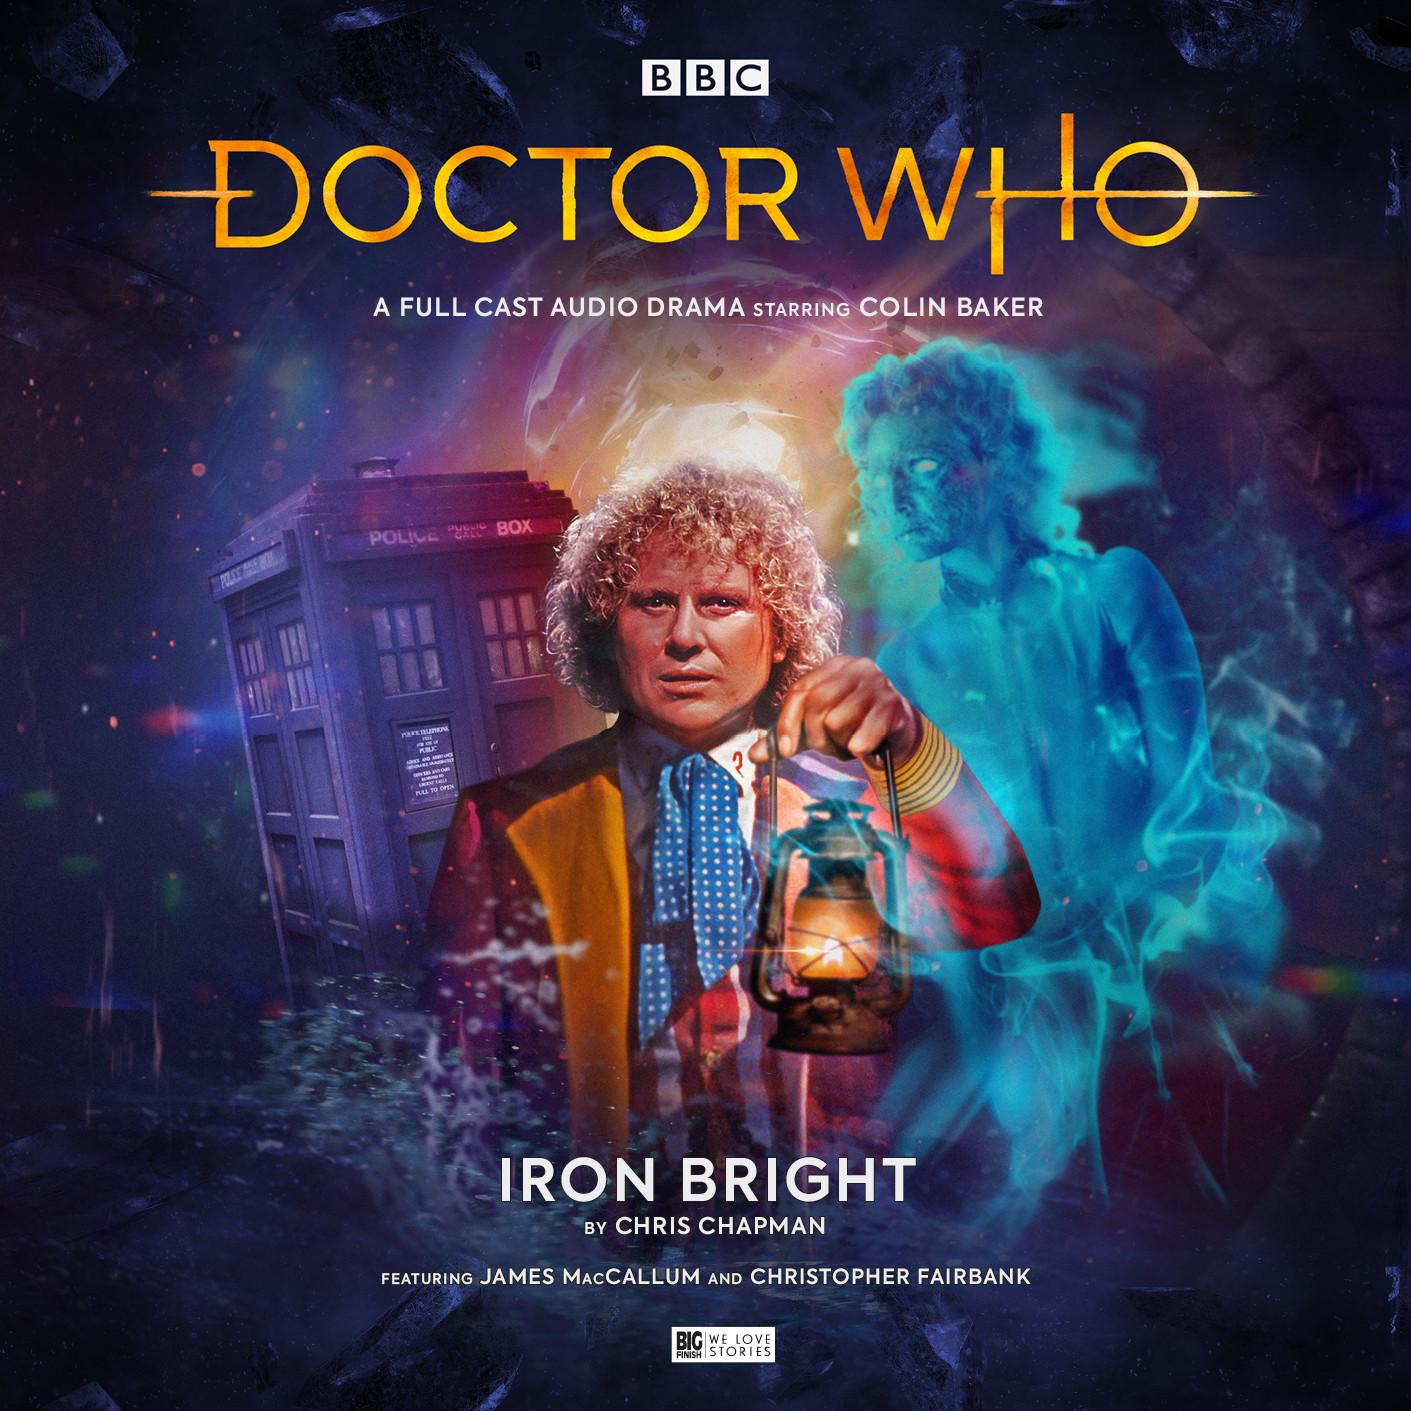 Iron Bright (Credit: Big Finish)